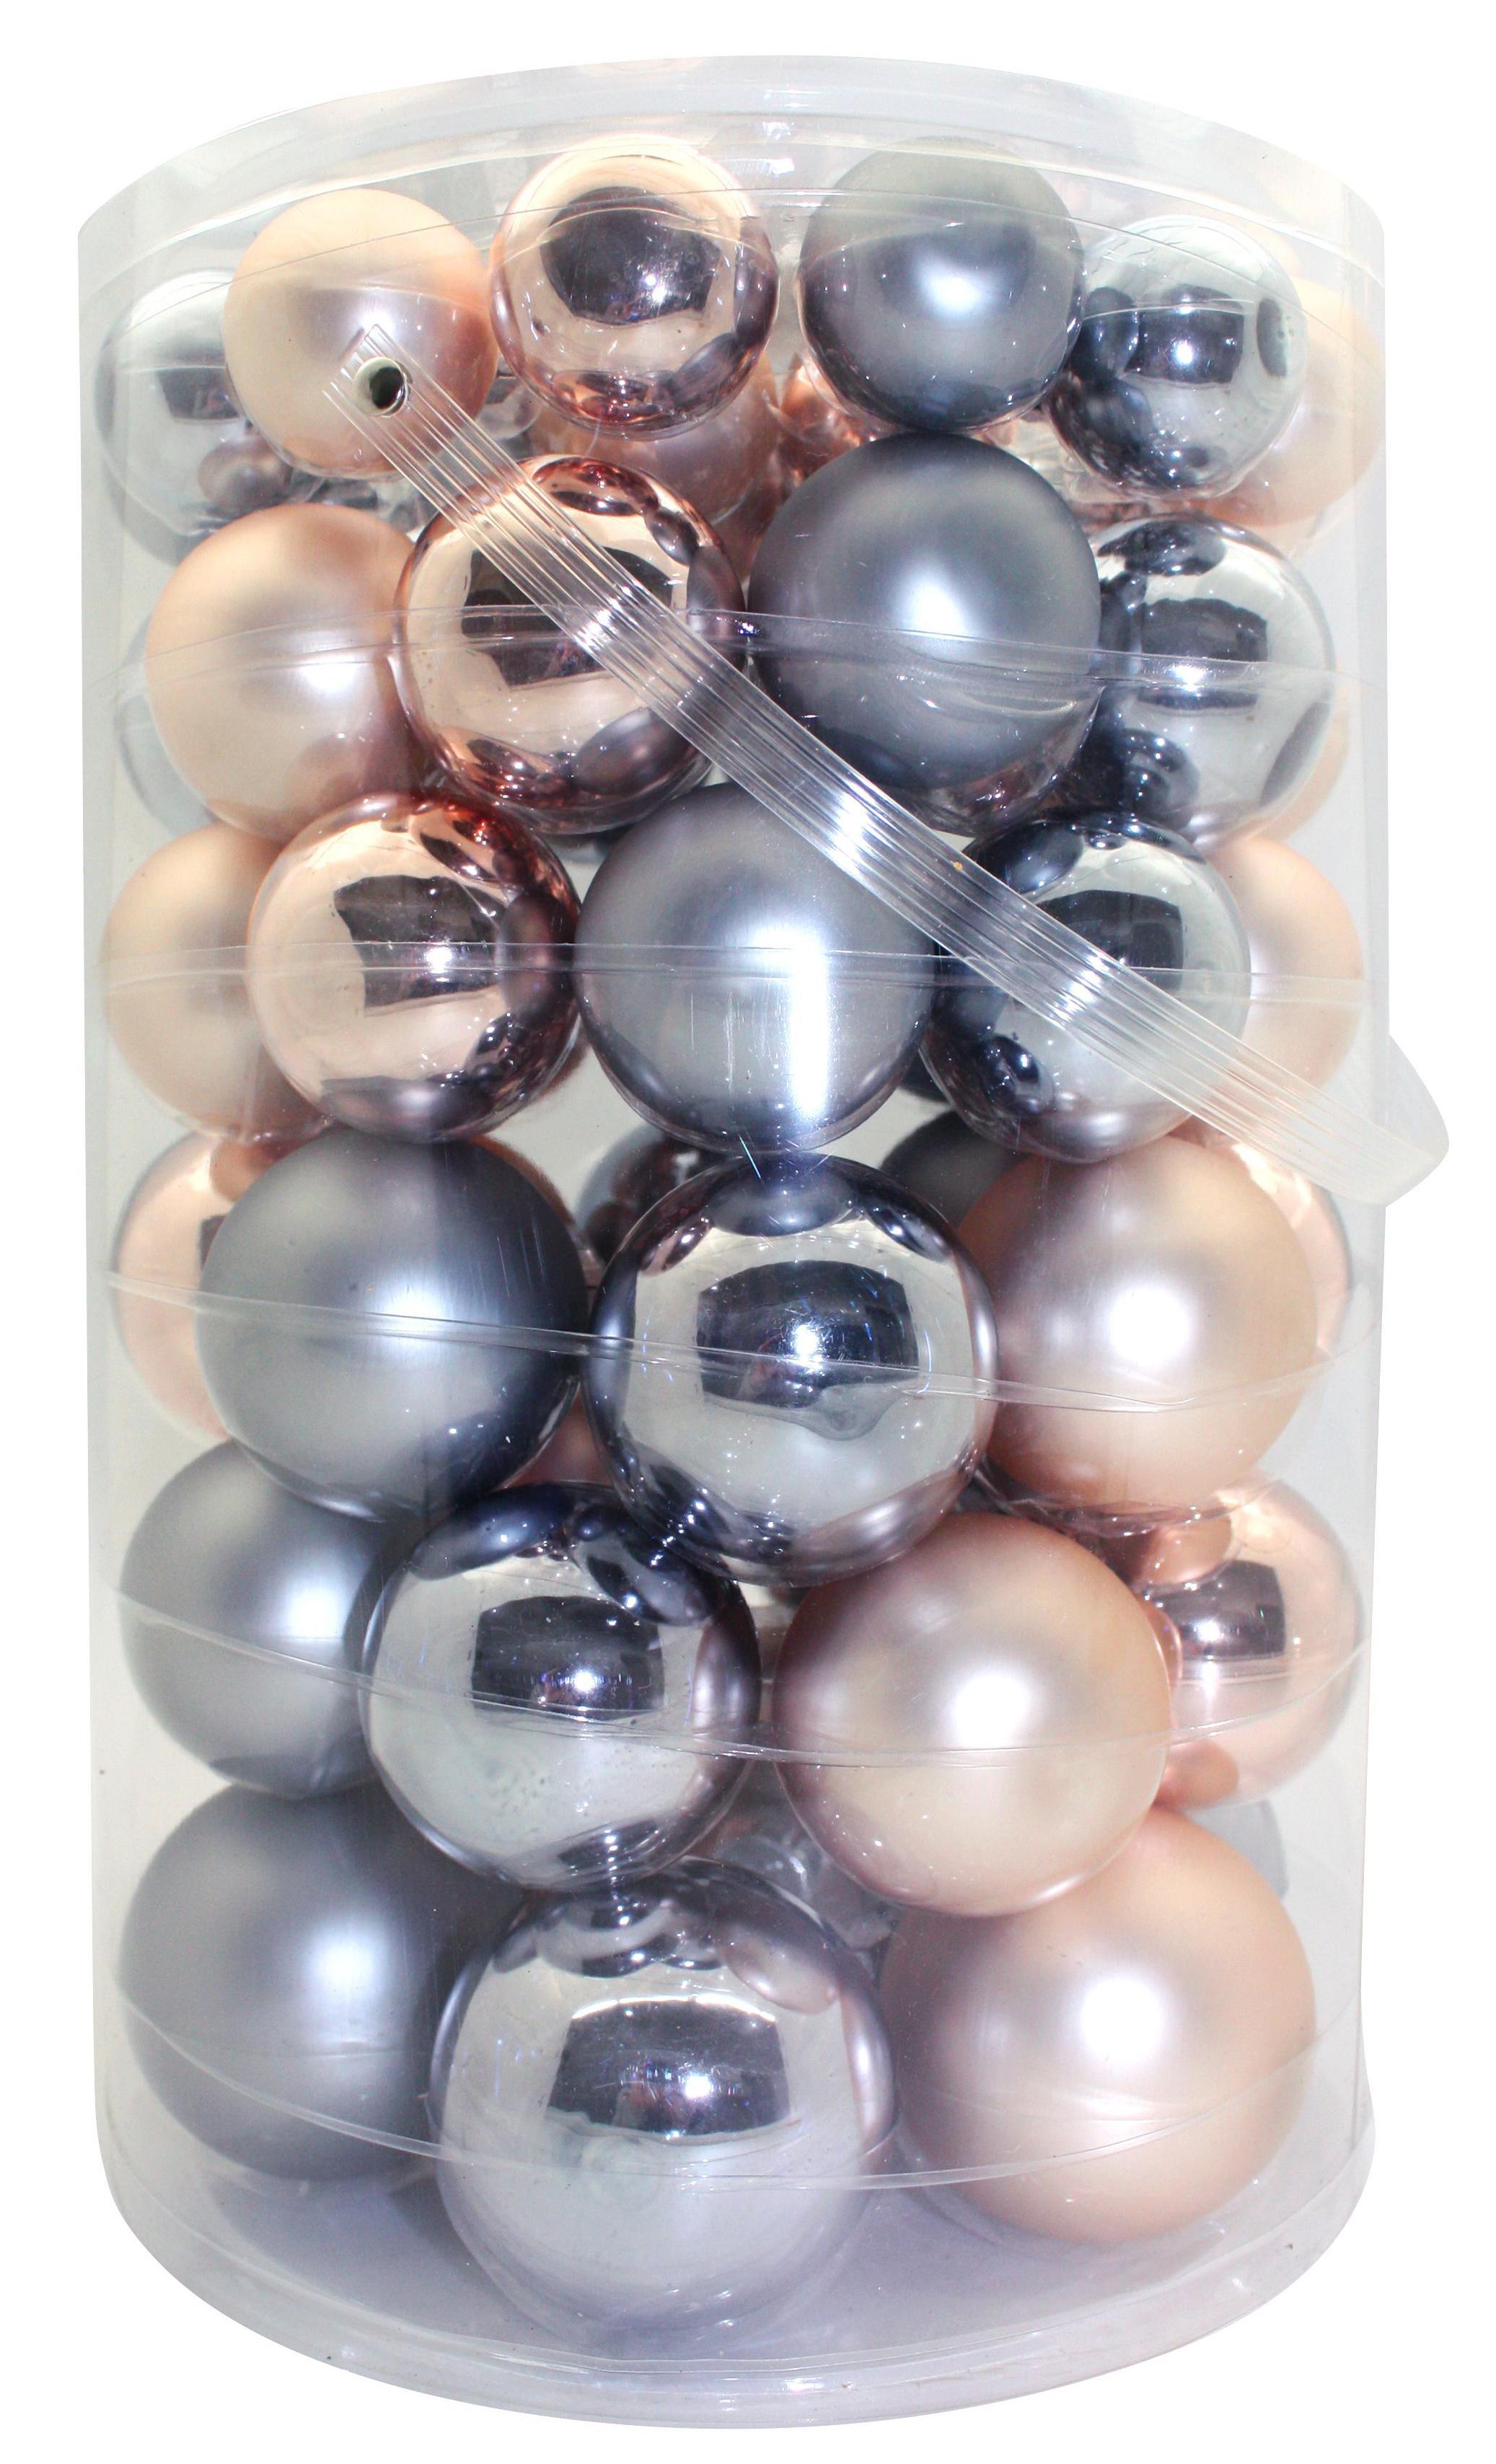 Christbaumkugeln Hersteller.60 Christbaumkugeln Glas 4 7cm